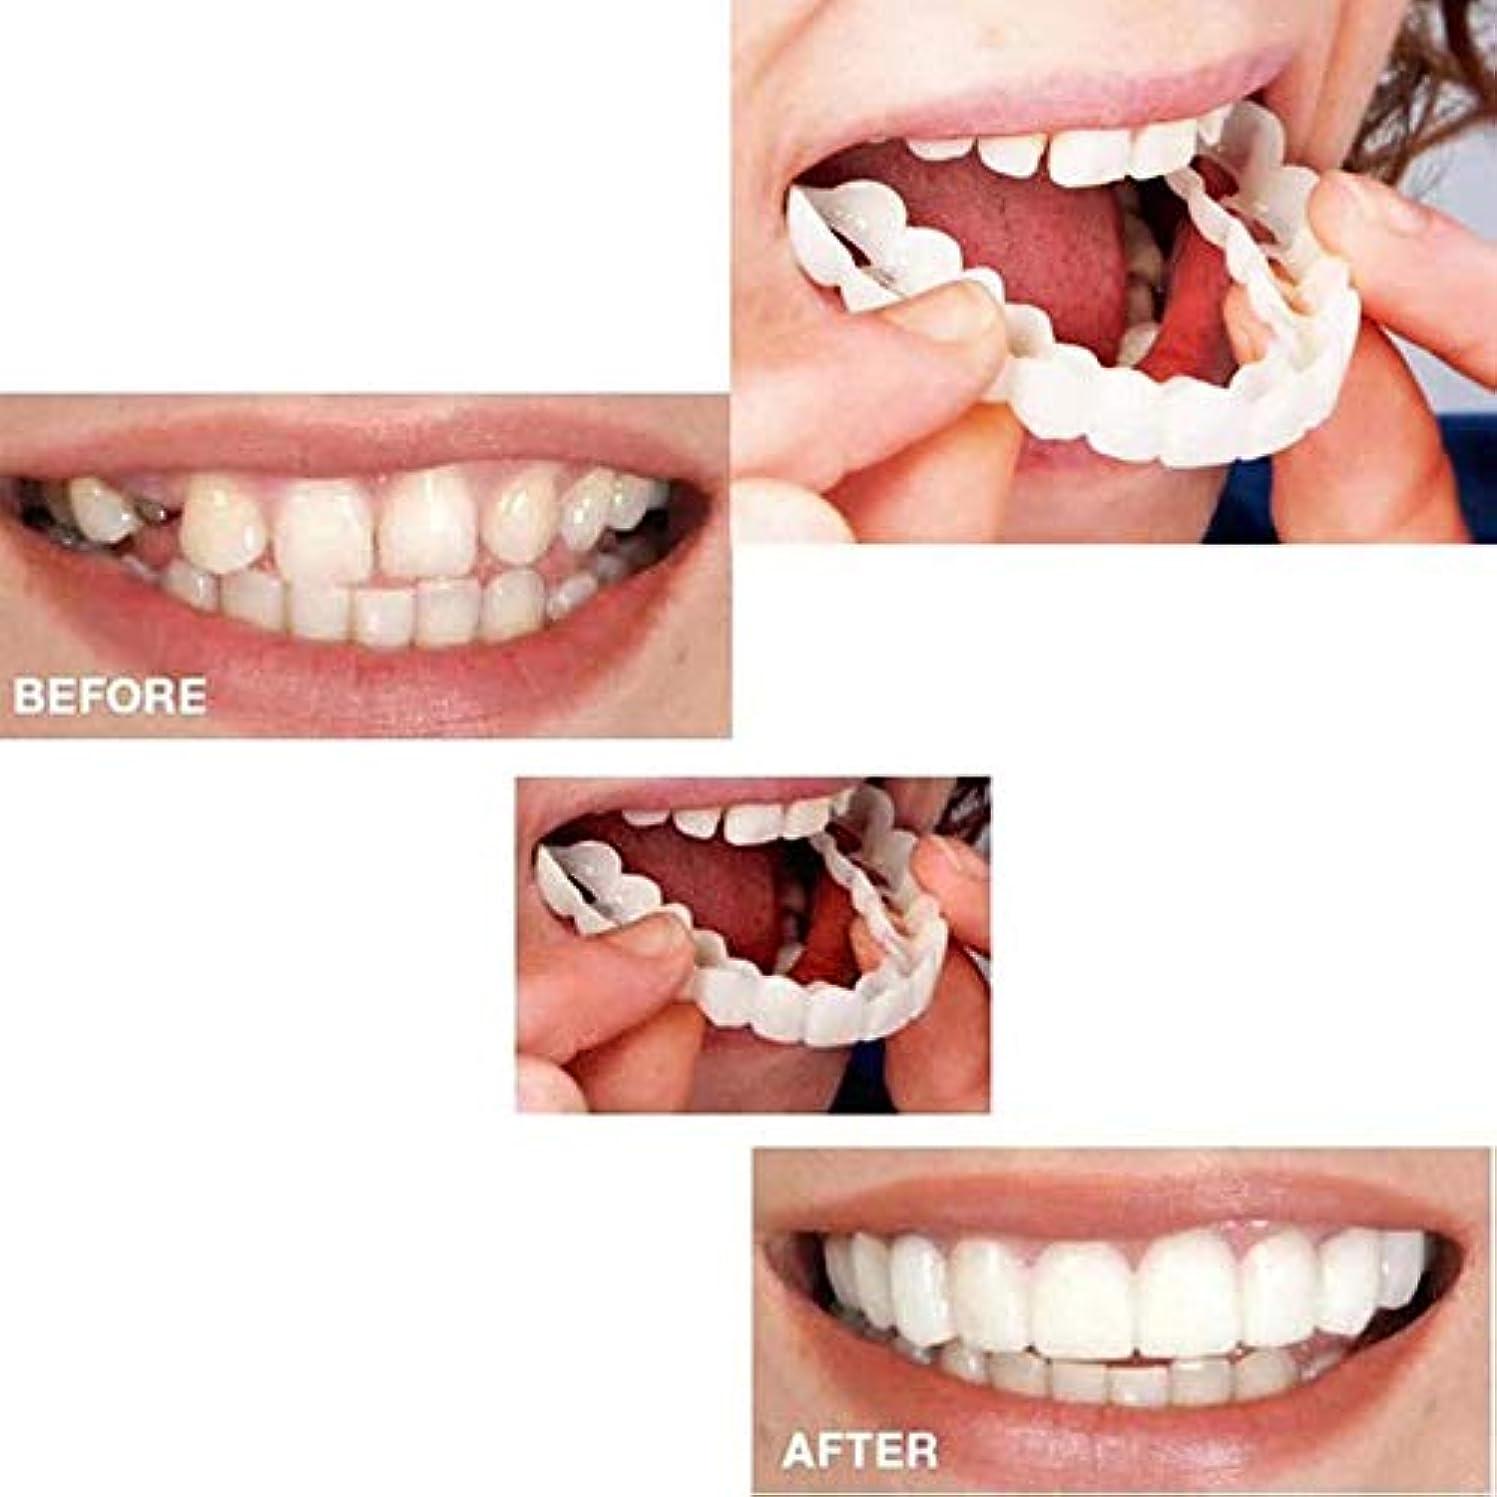 ヘルメット法律受信機シリコーンシミュレーション義歯、白い歯の上部スリーブ(3個),A